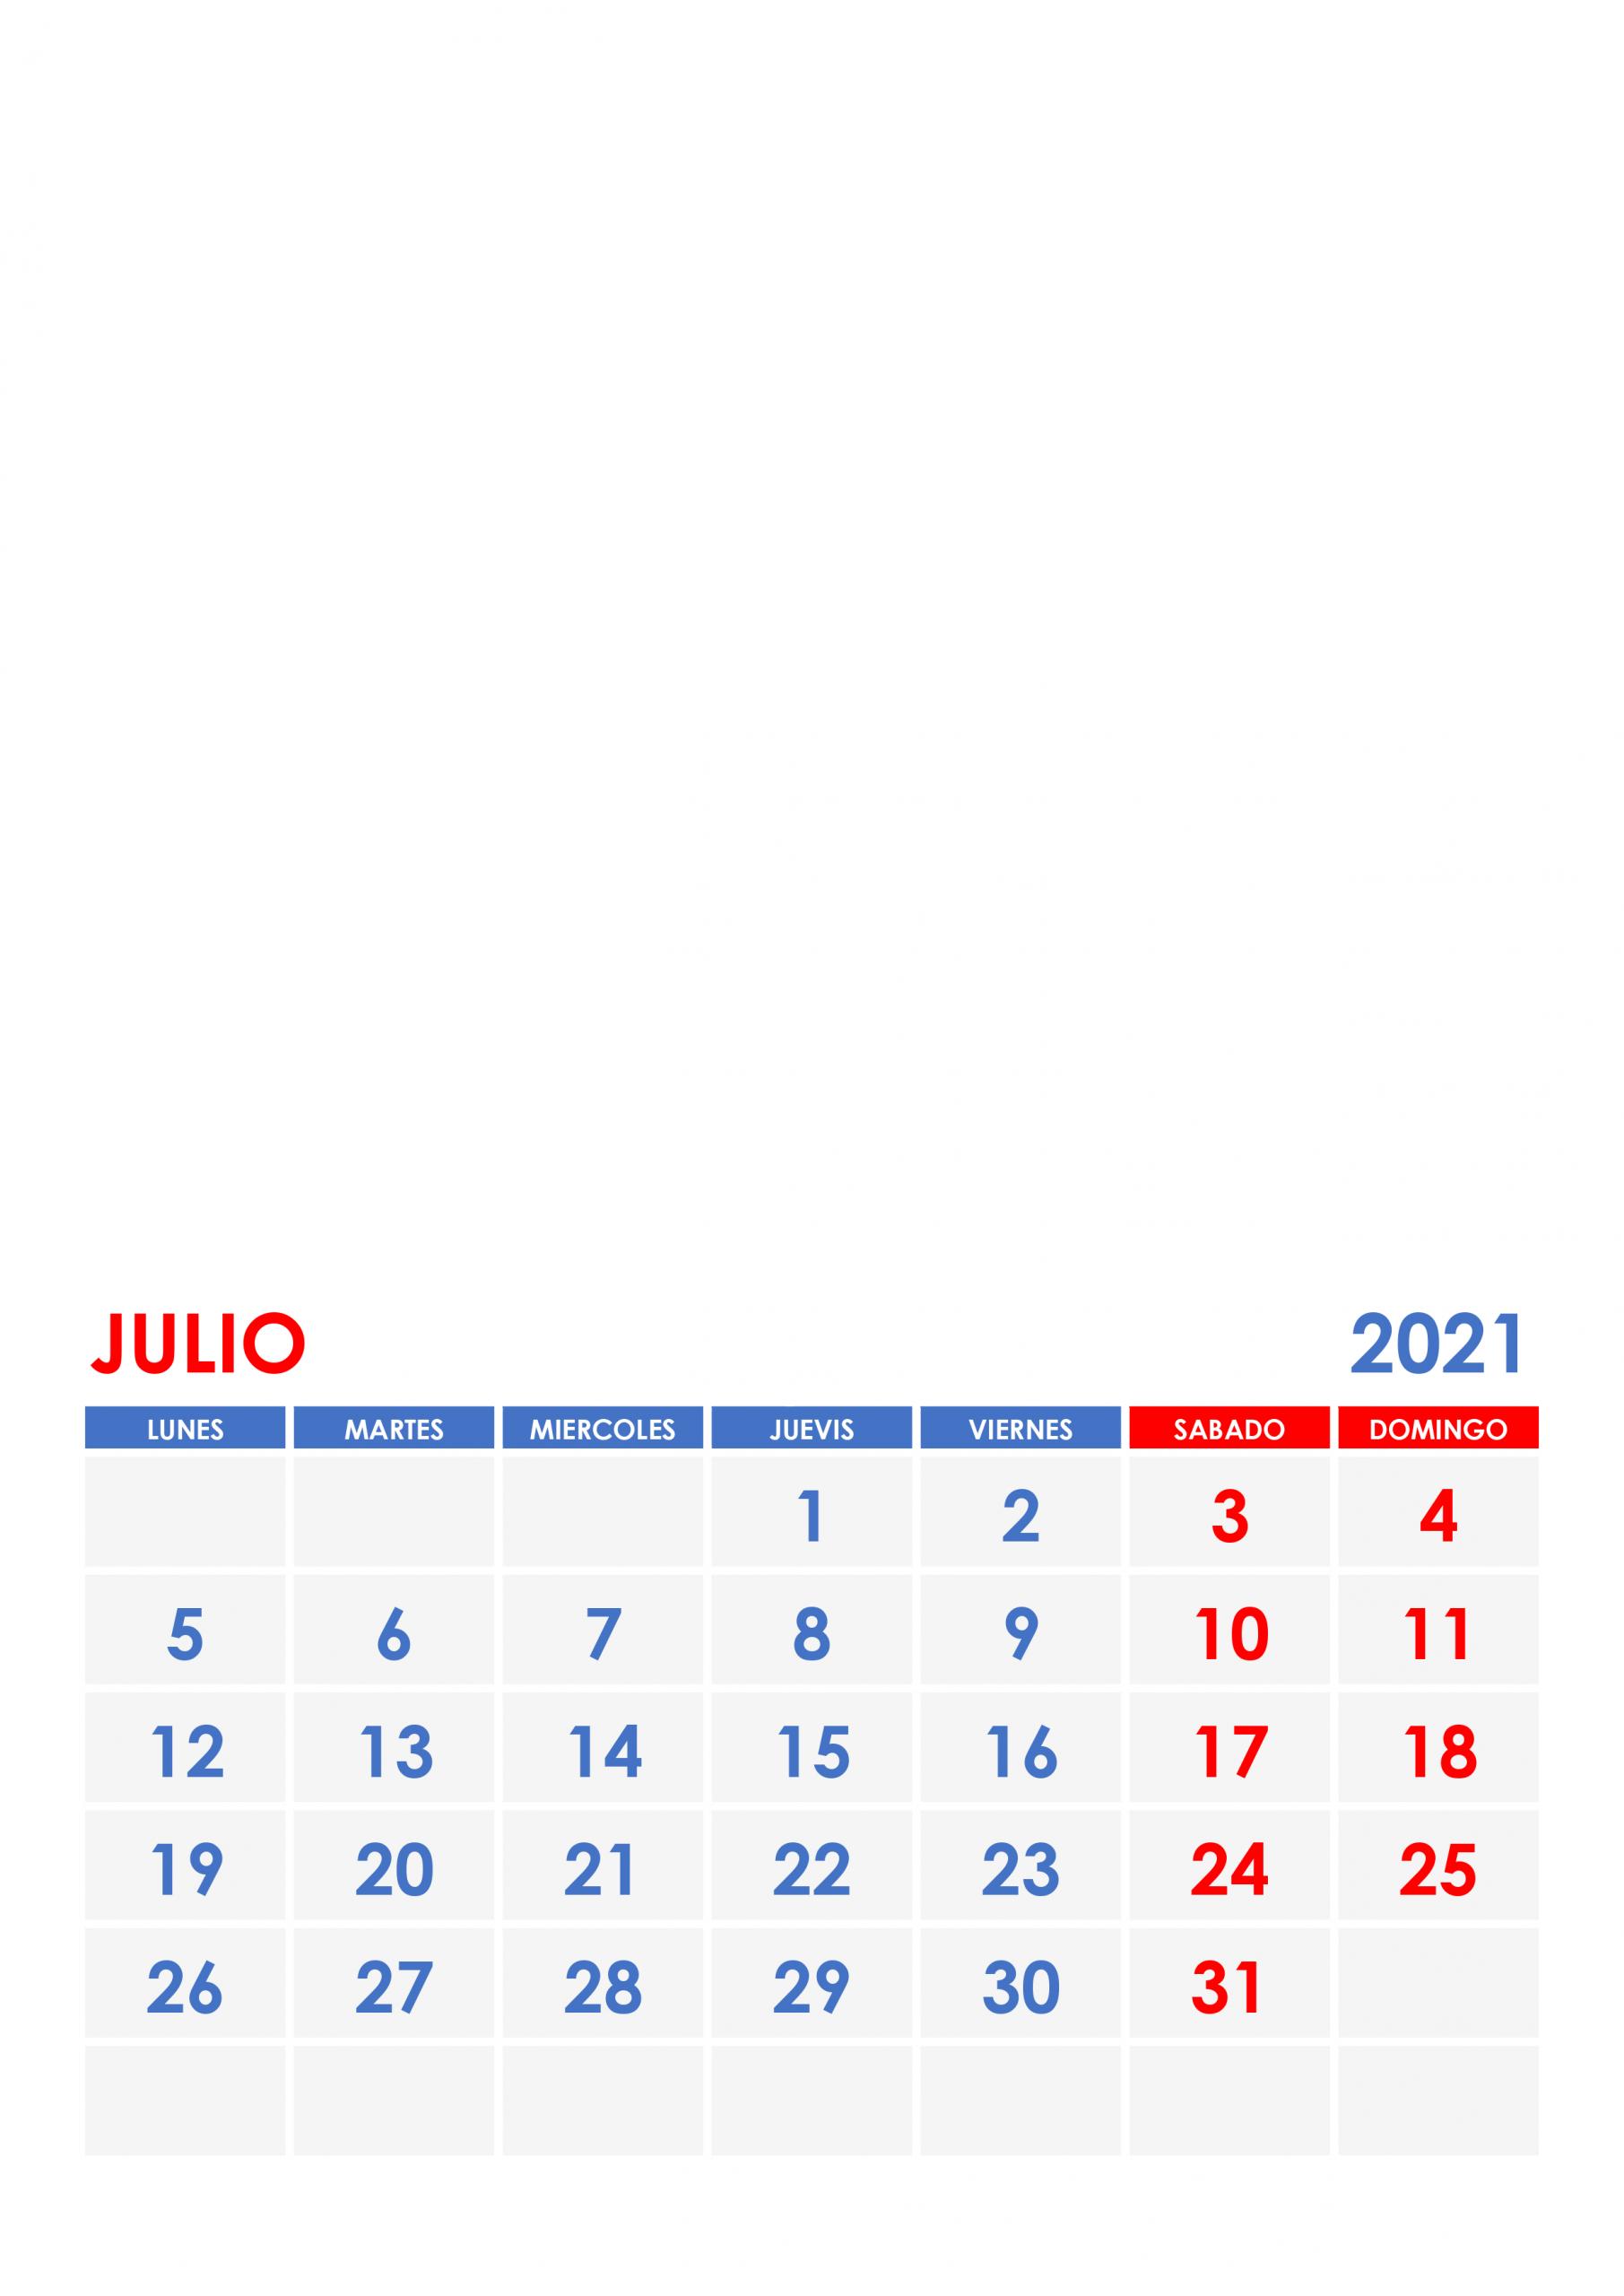 Calendario Julio 2021 - Calendariossu